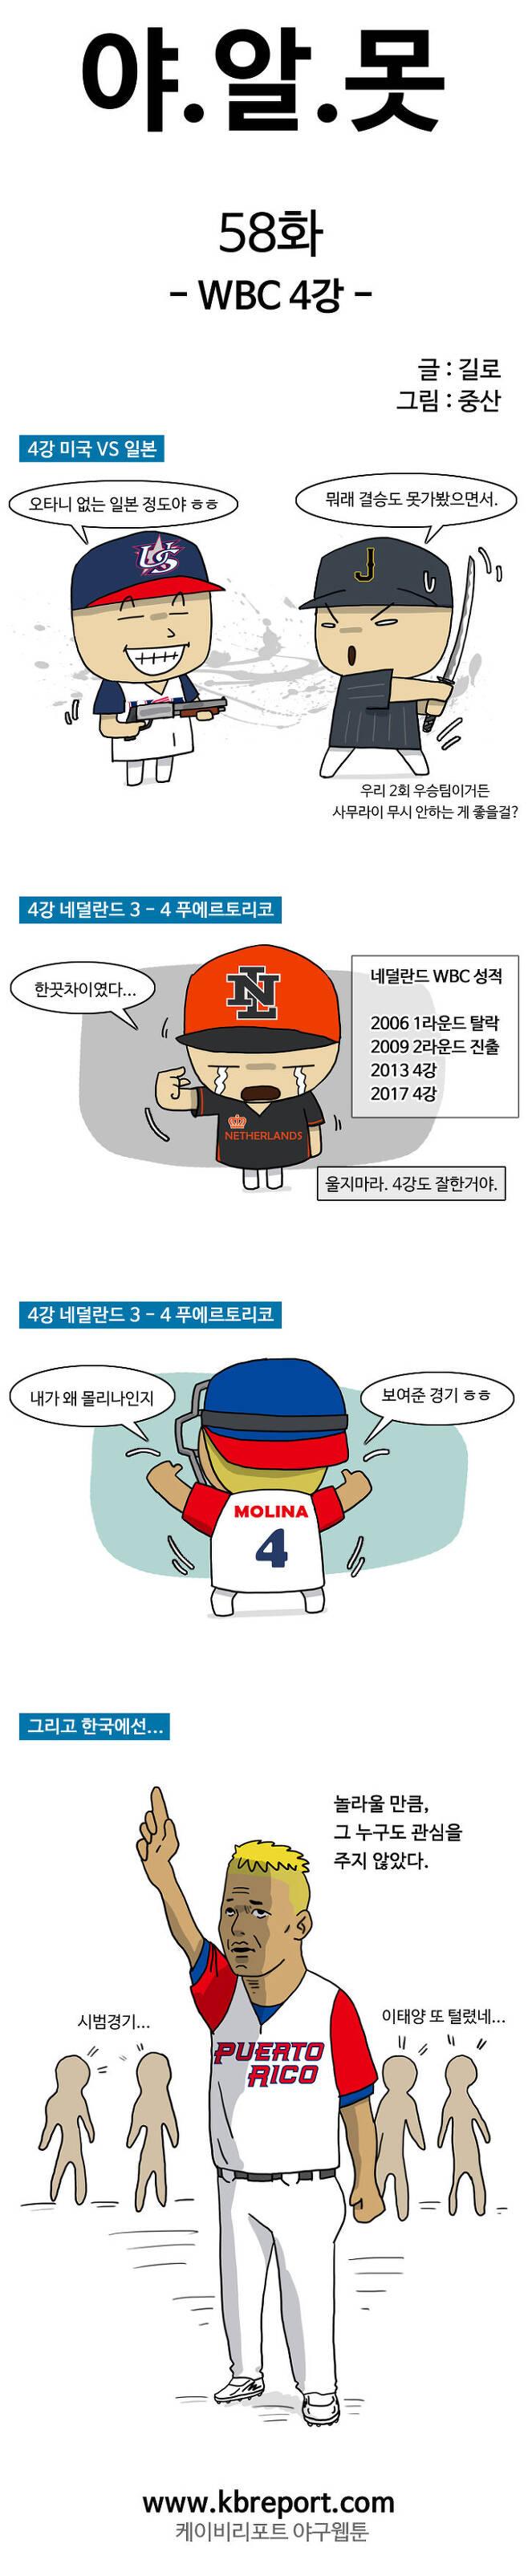 출처: 케이비리포트 연재 [야구웹툰] 전편 보기